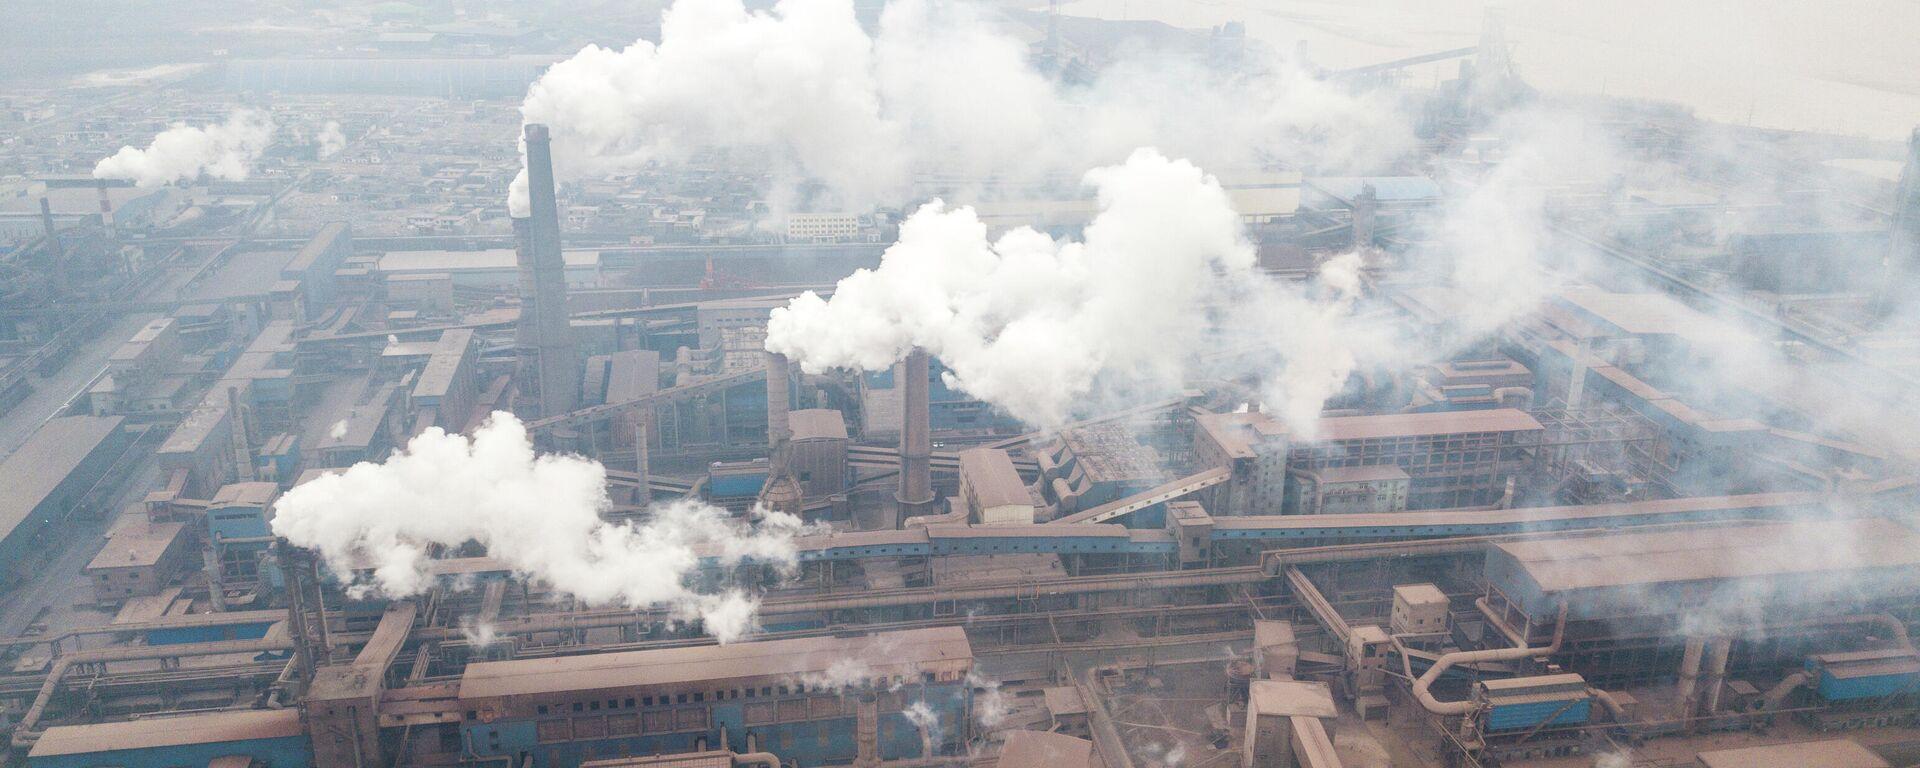 Luftfoto von Fabriken in der chinesischen Stadt Hancheng (Archivbild) - SNA, 1920, 30.12.2020